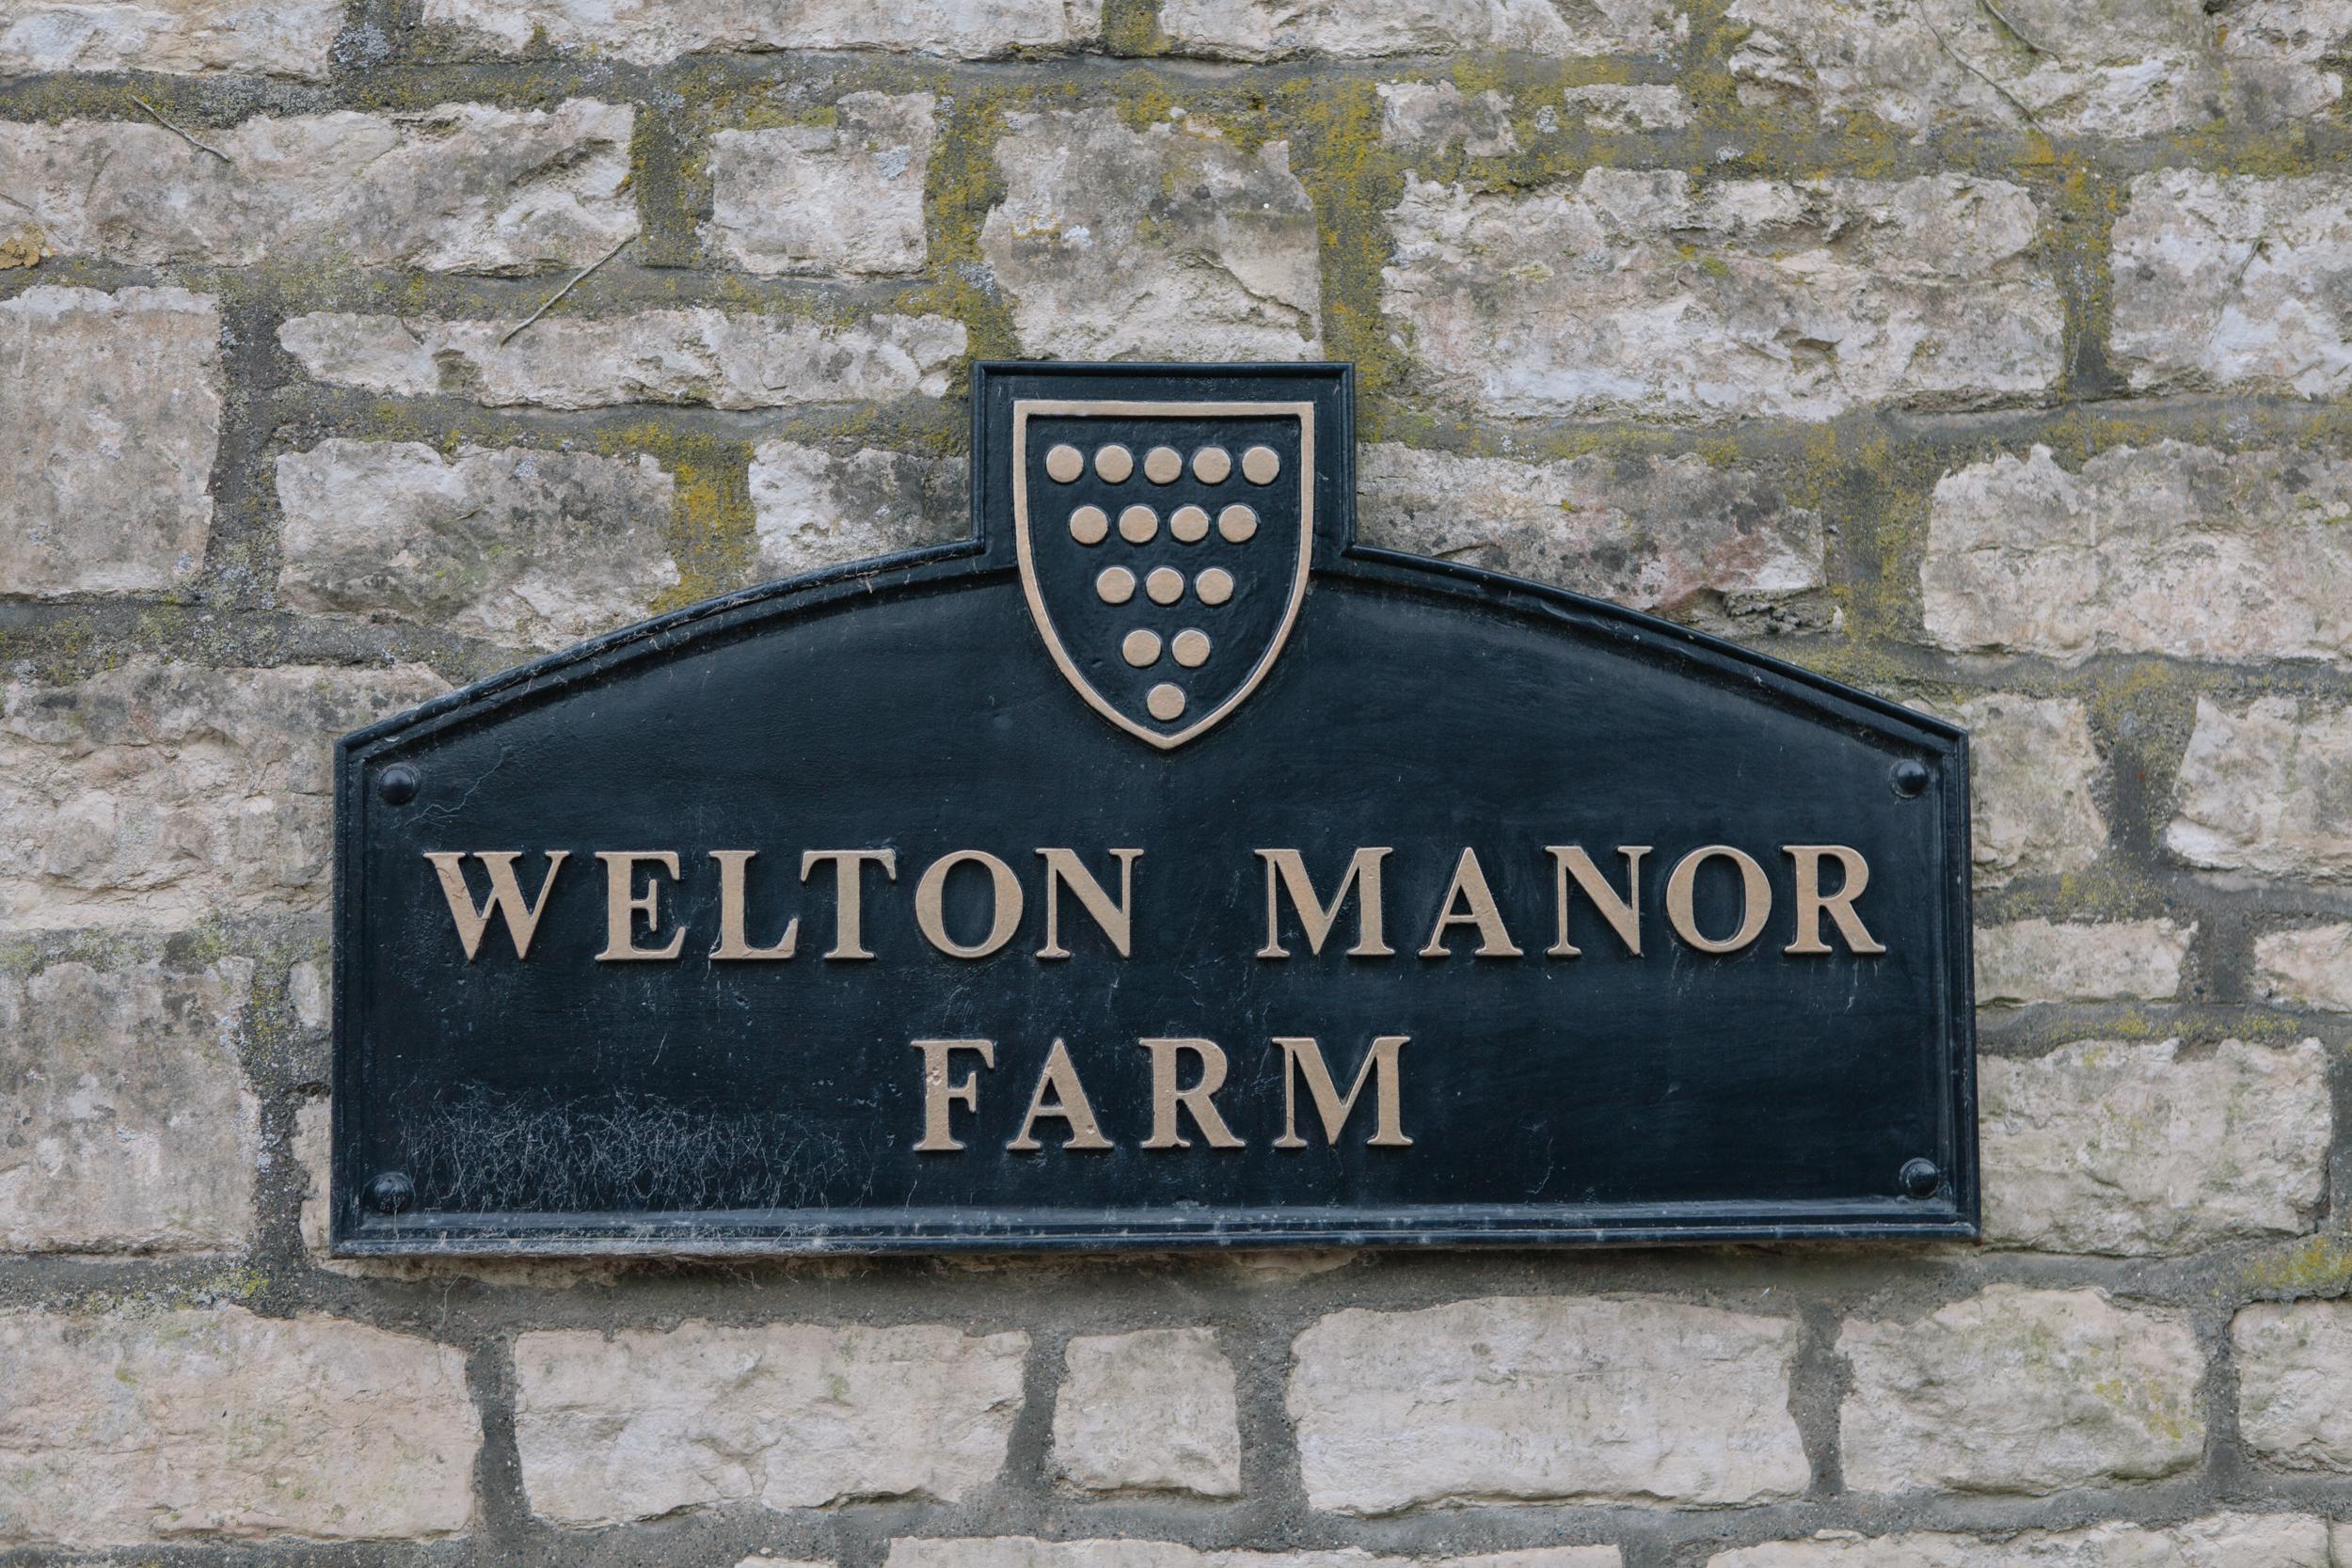 Pennleigh_Welton Manor Farm-44.jpg